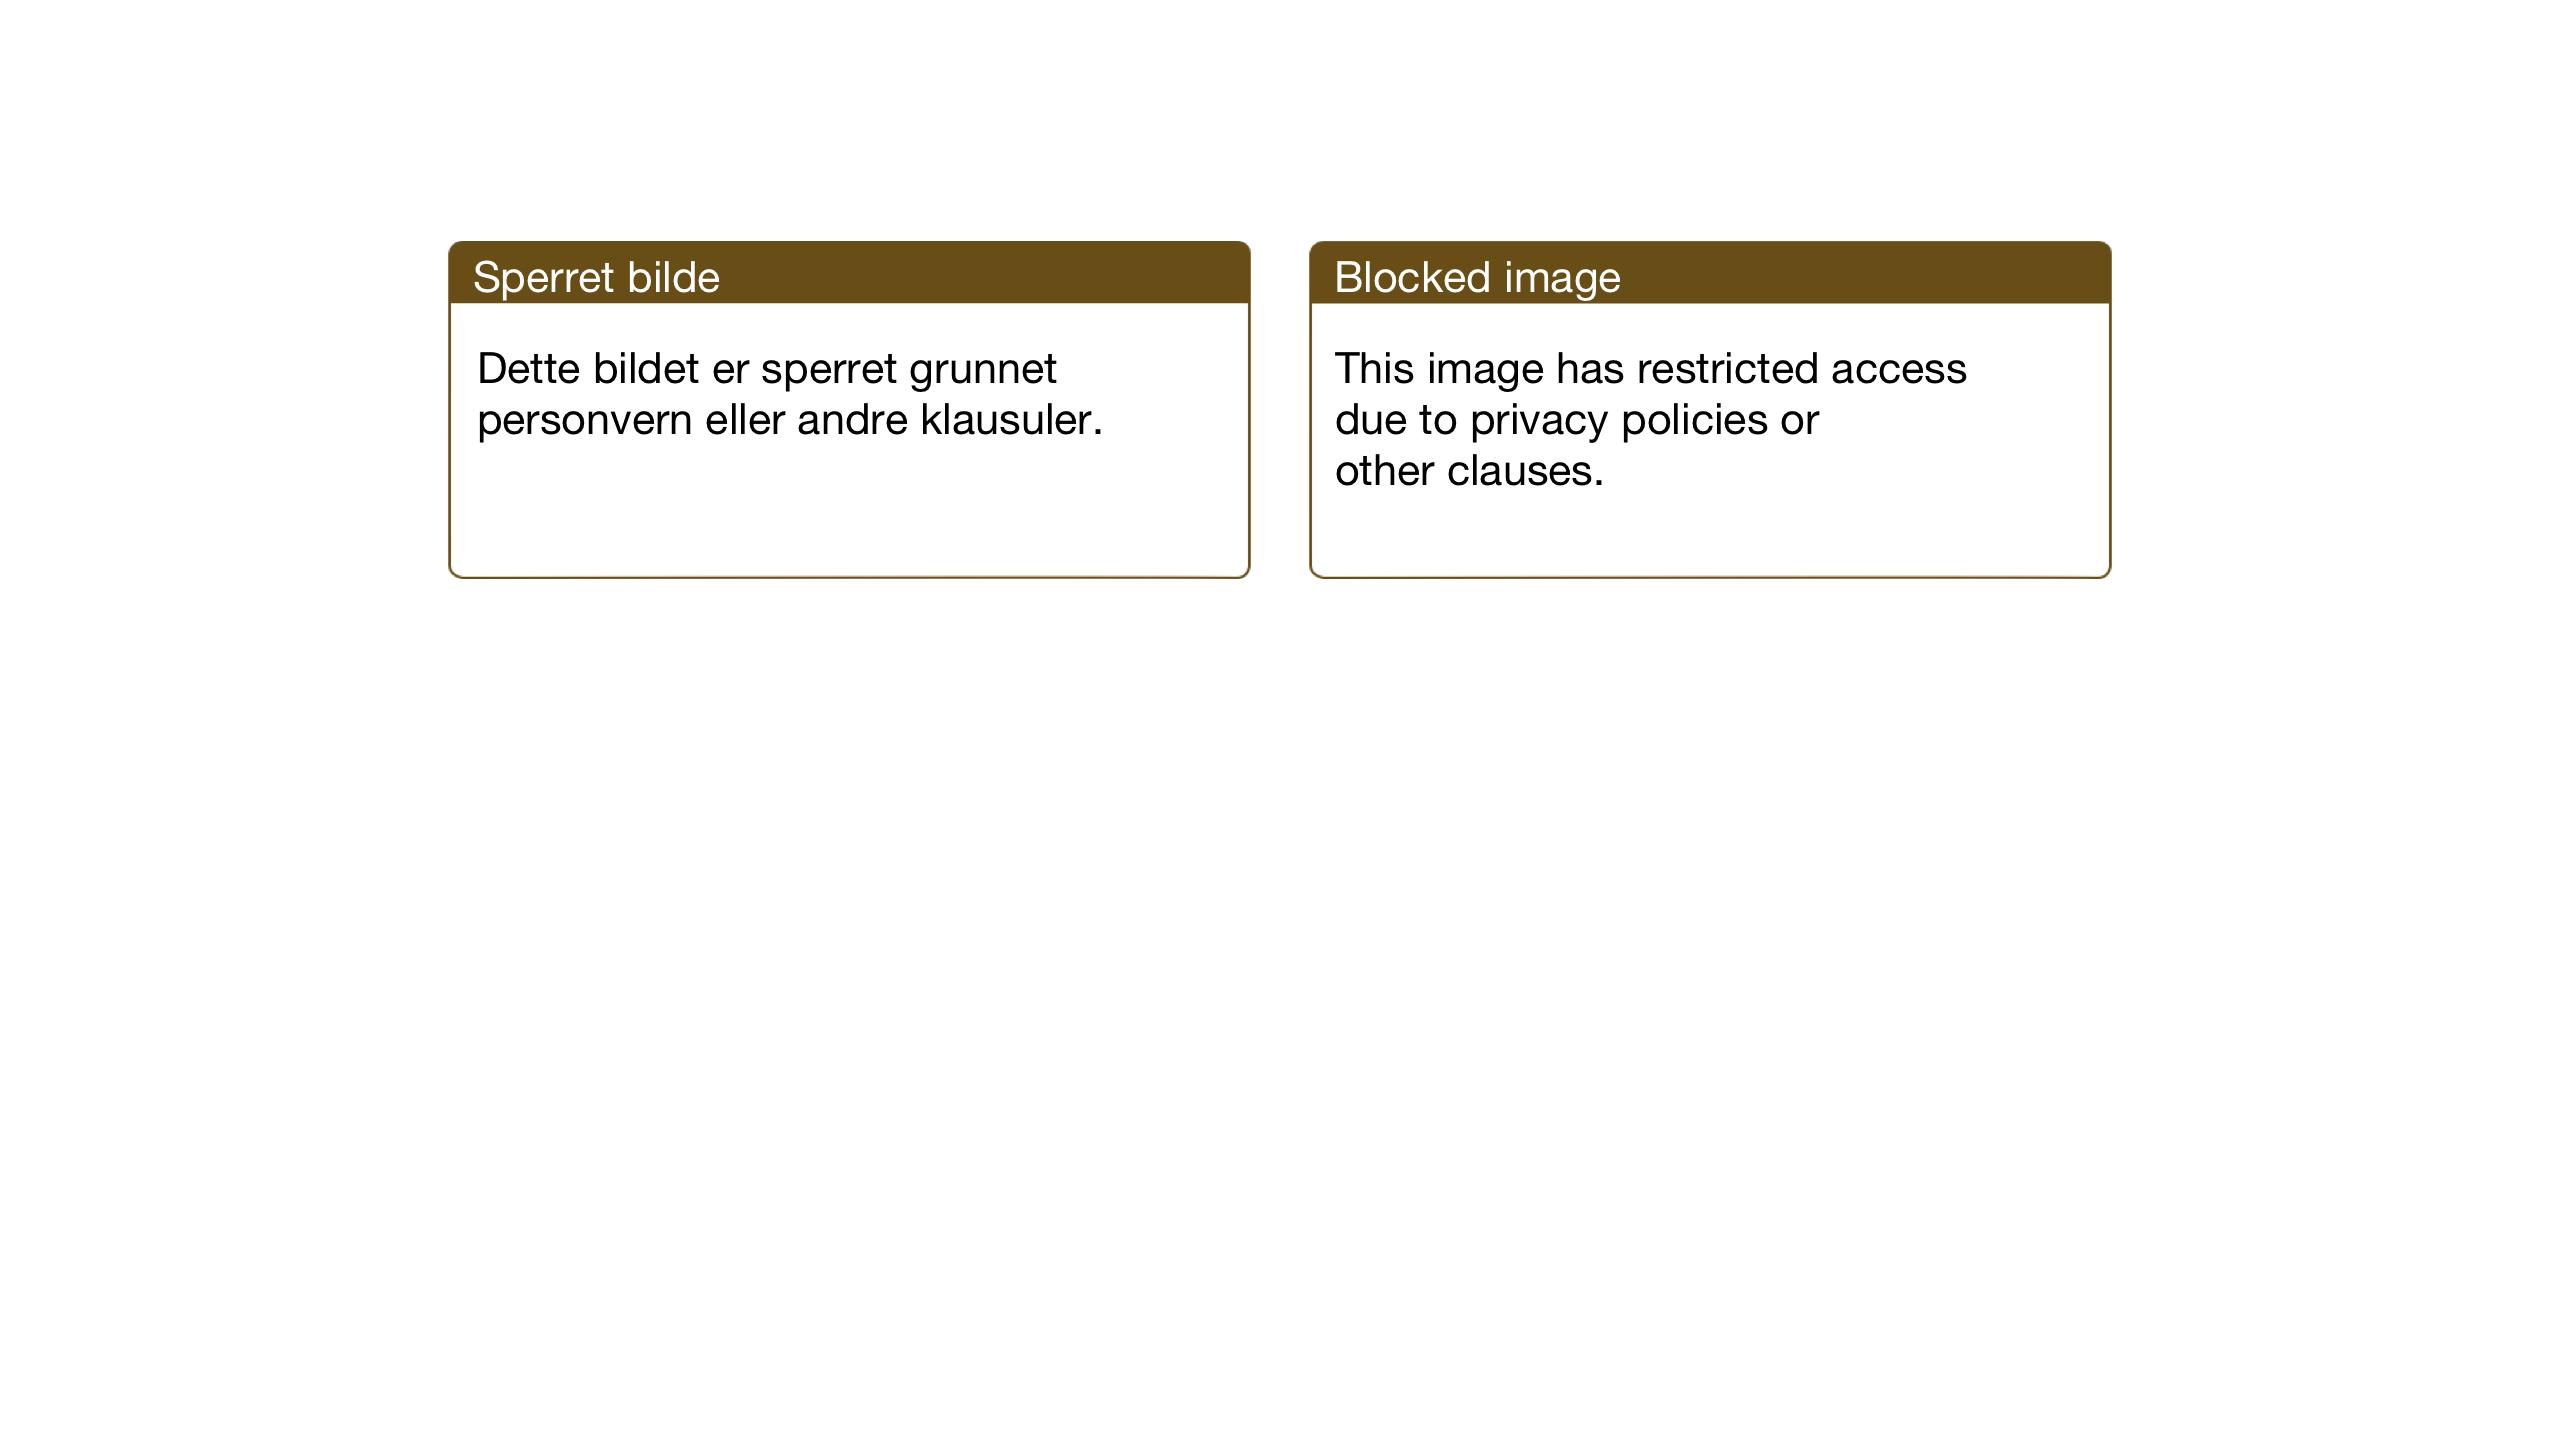 SAT, Ministerialprotokoller, klokkerbøker og fødselsregistre - Sør-Trøndelag, 608/L0343: Klokkerbok nr. 608C09, 1938-1952, s. 19